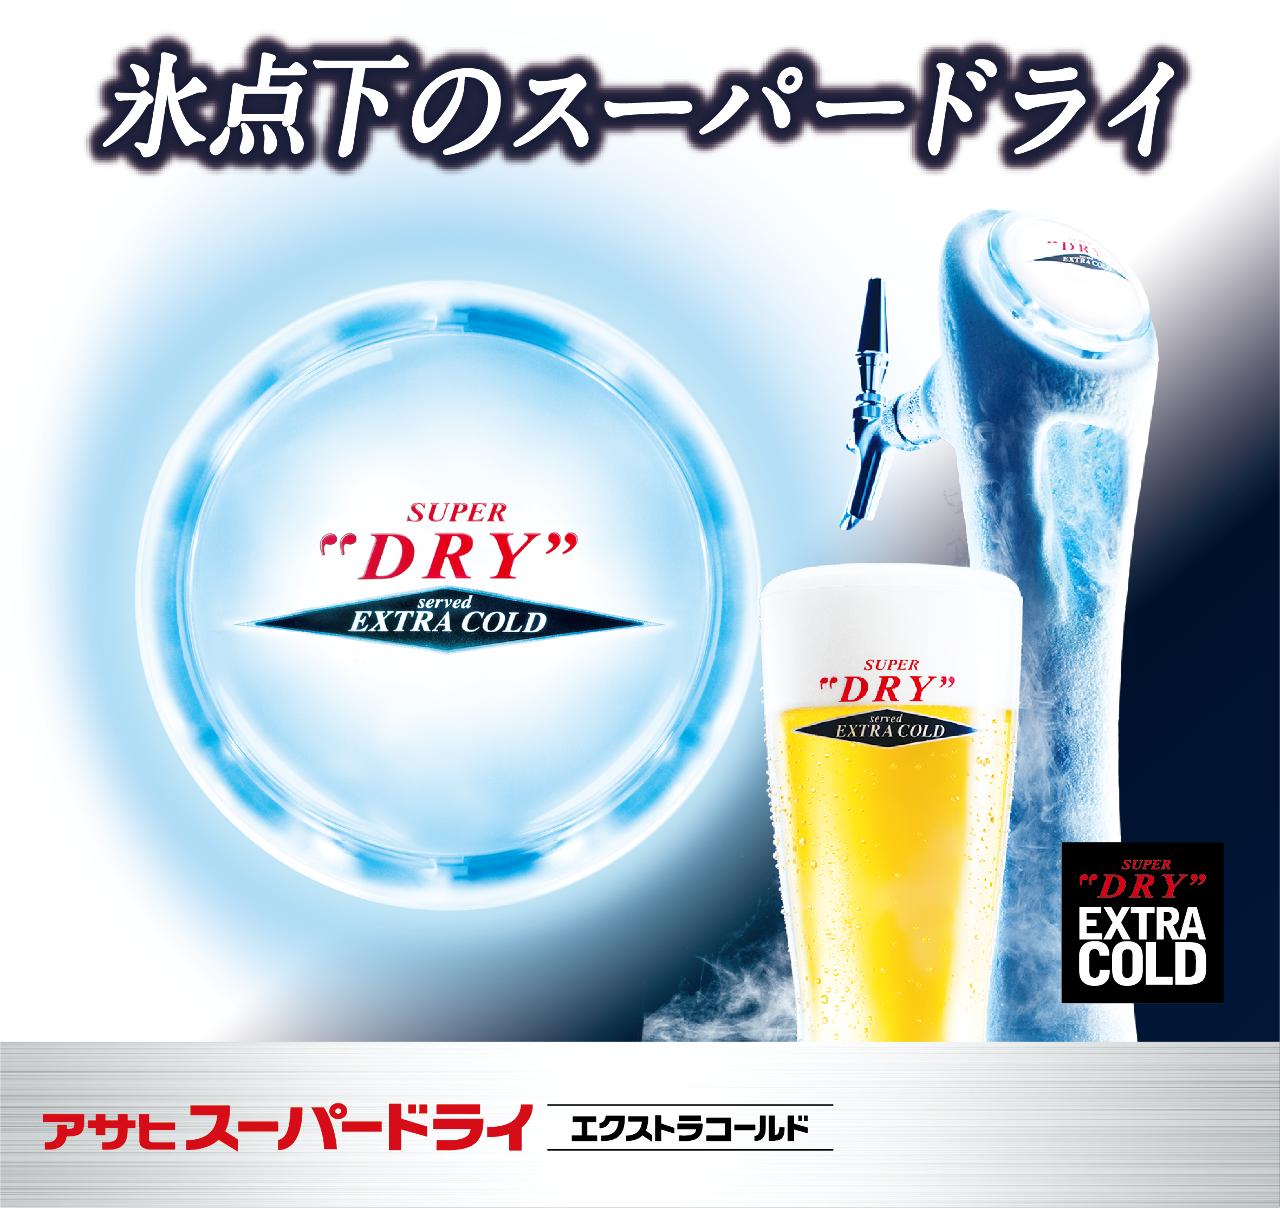 氷点下のビール・エクストラコールド